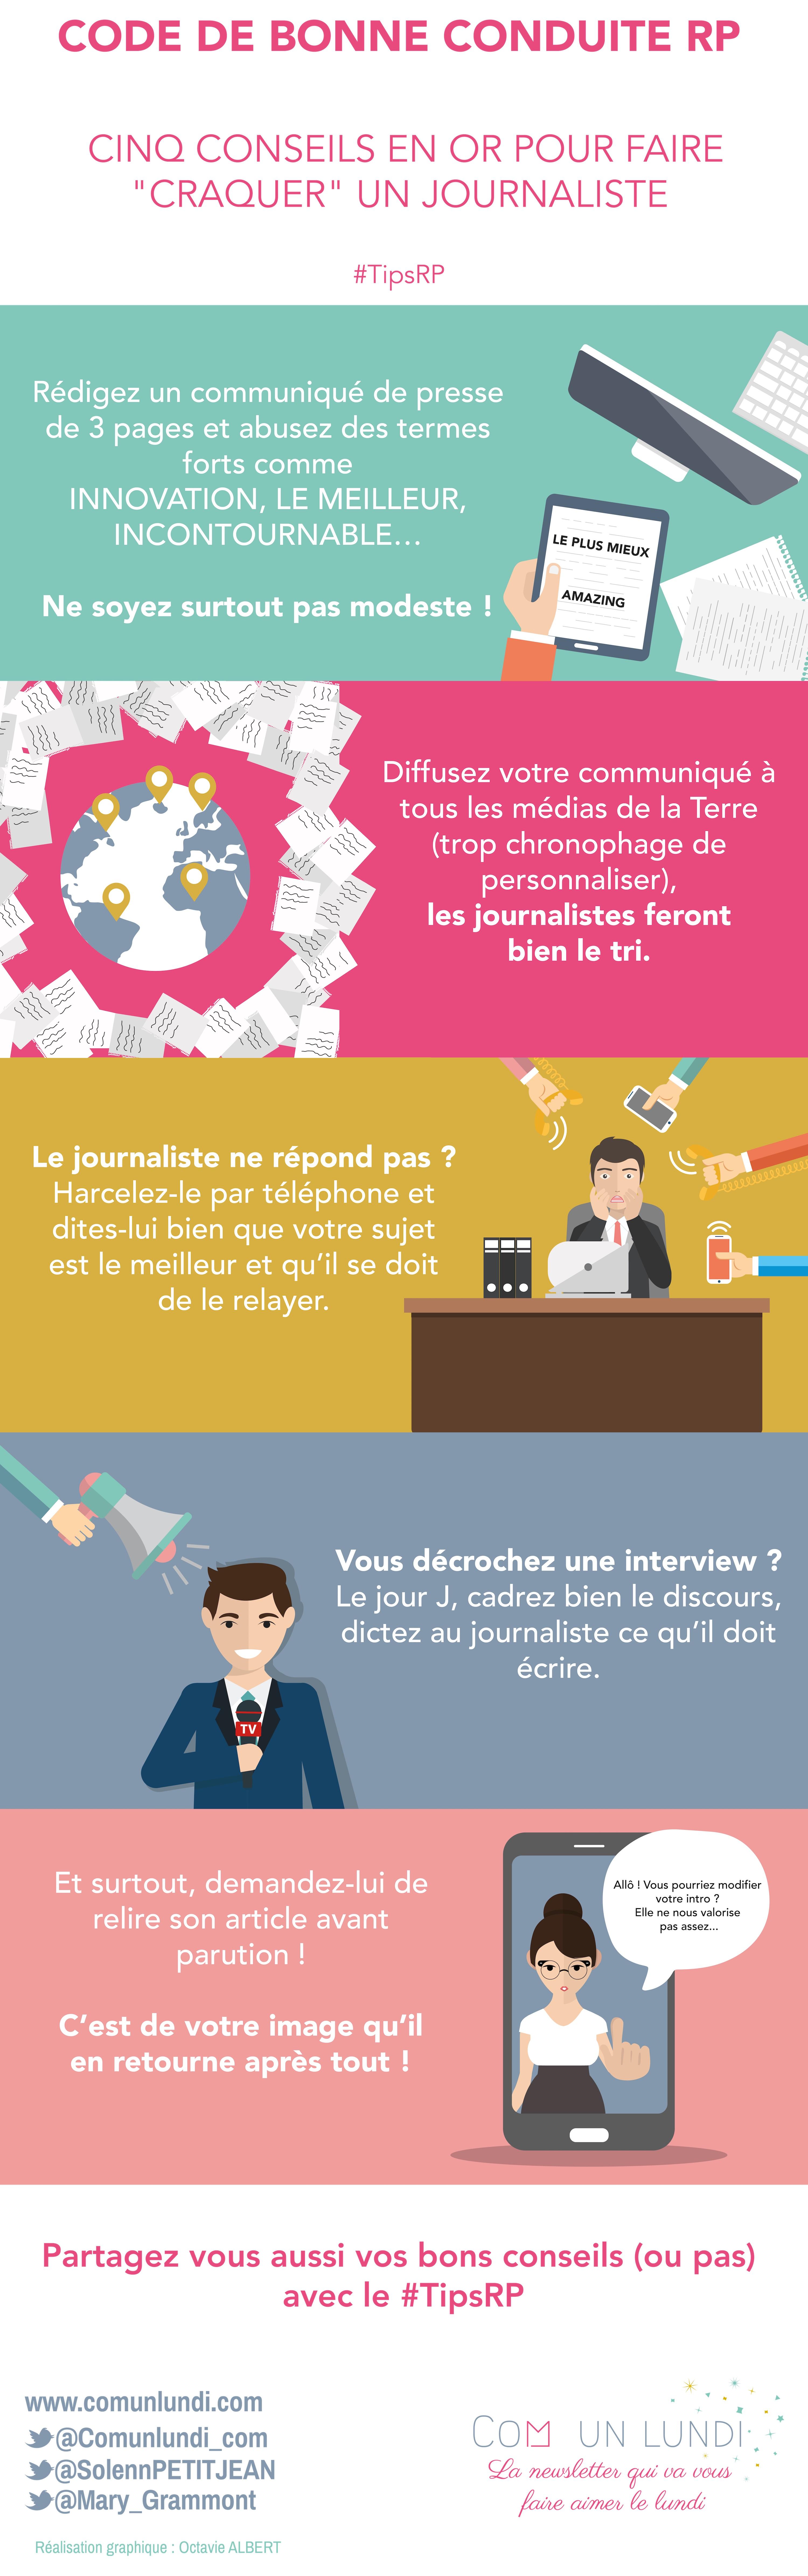 Notre_Infographie-codebonneconduiteRP-ComUnLundi